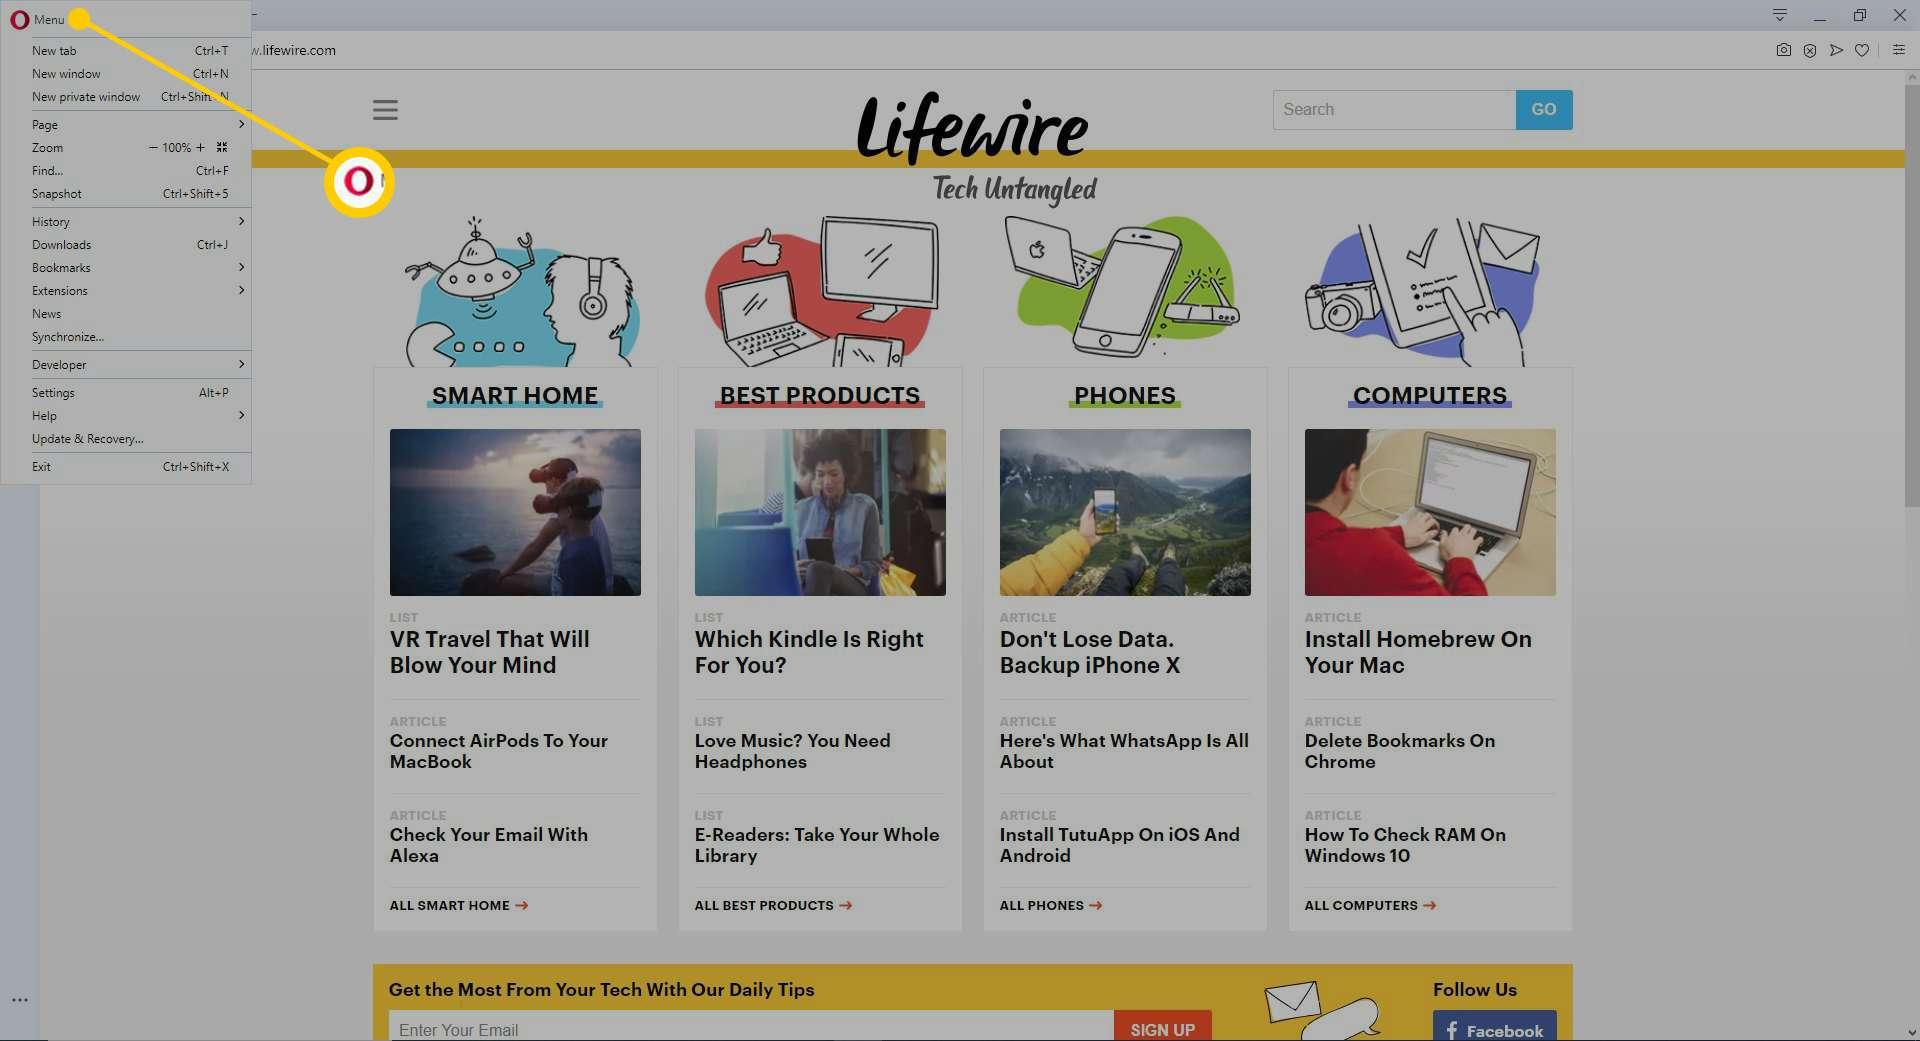 The Opera menu in the Opera browser